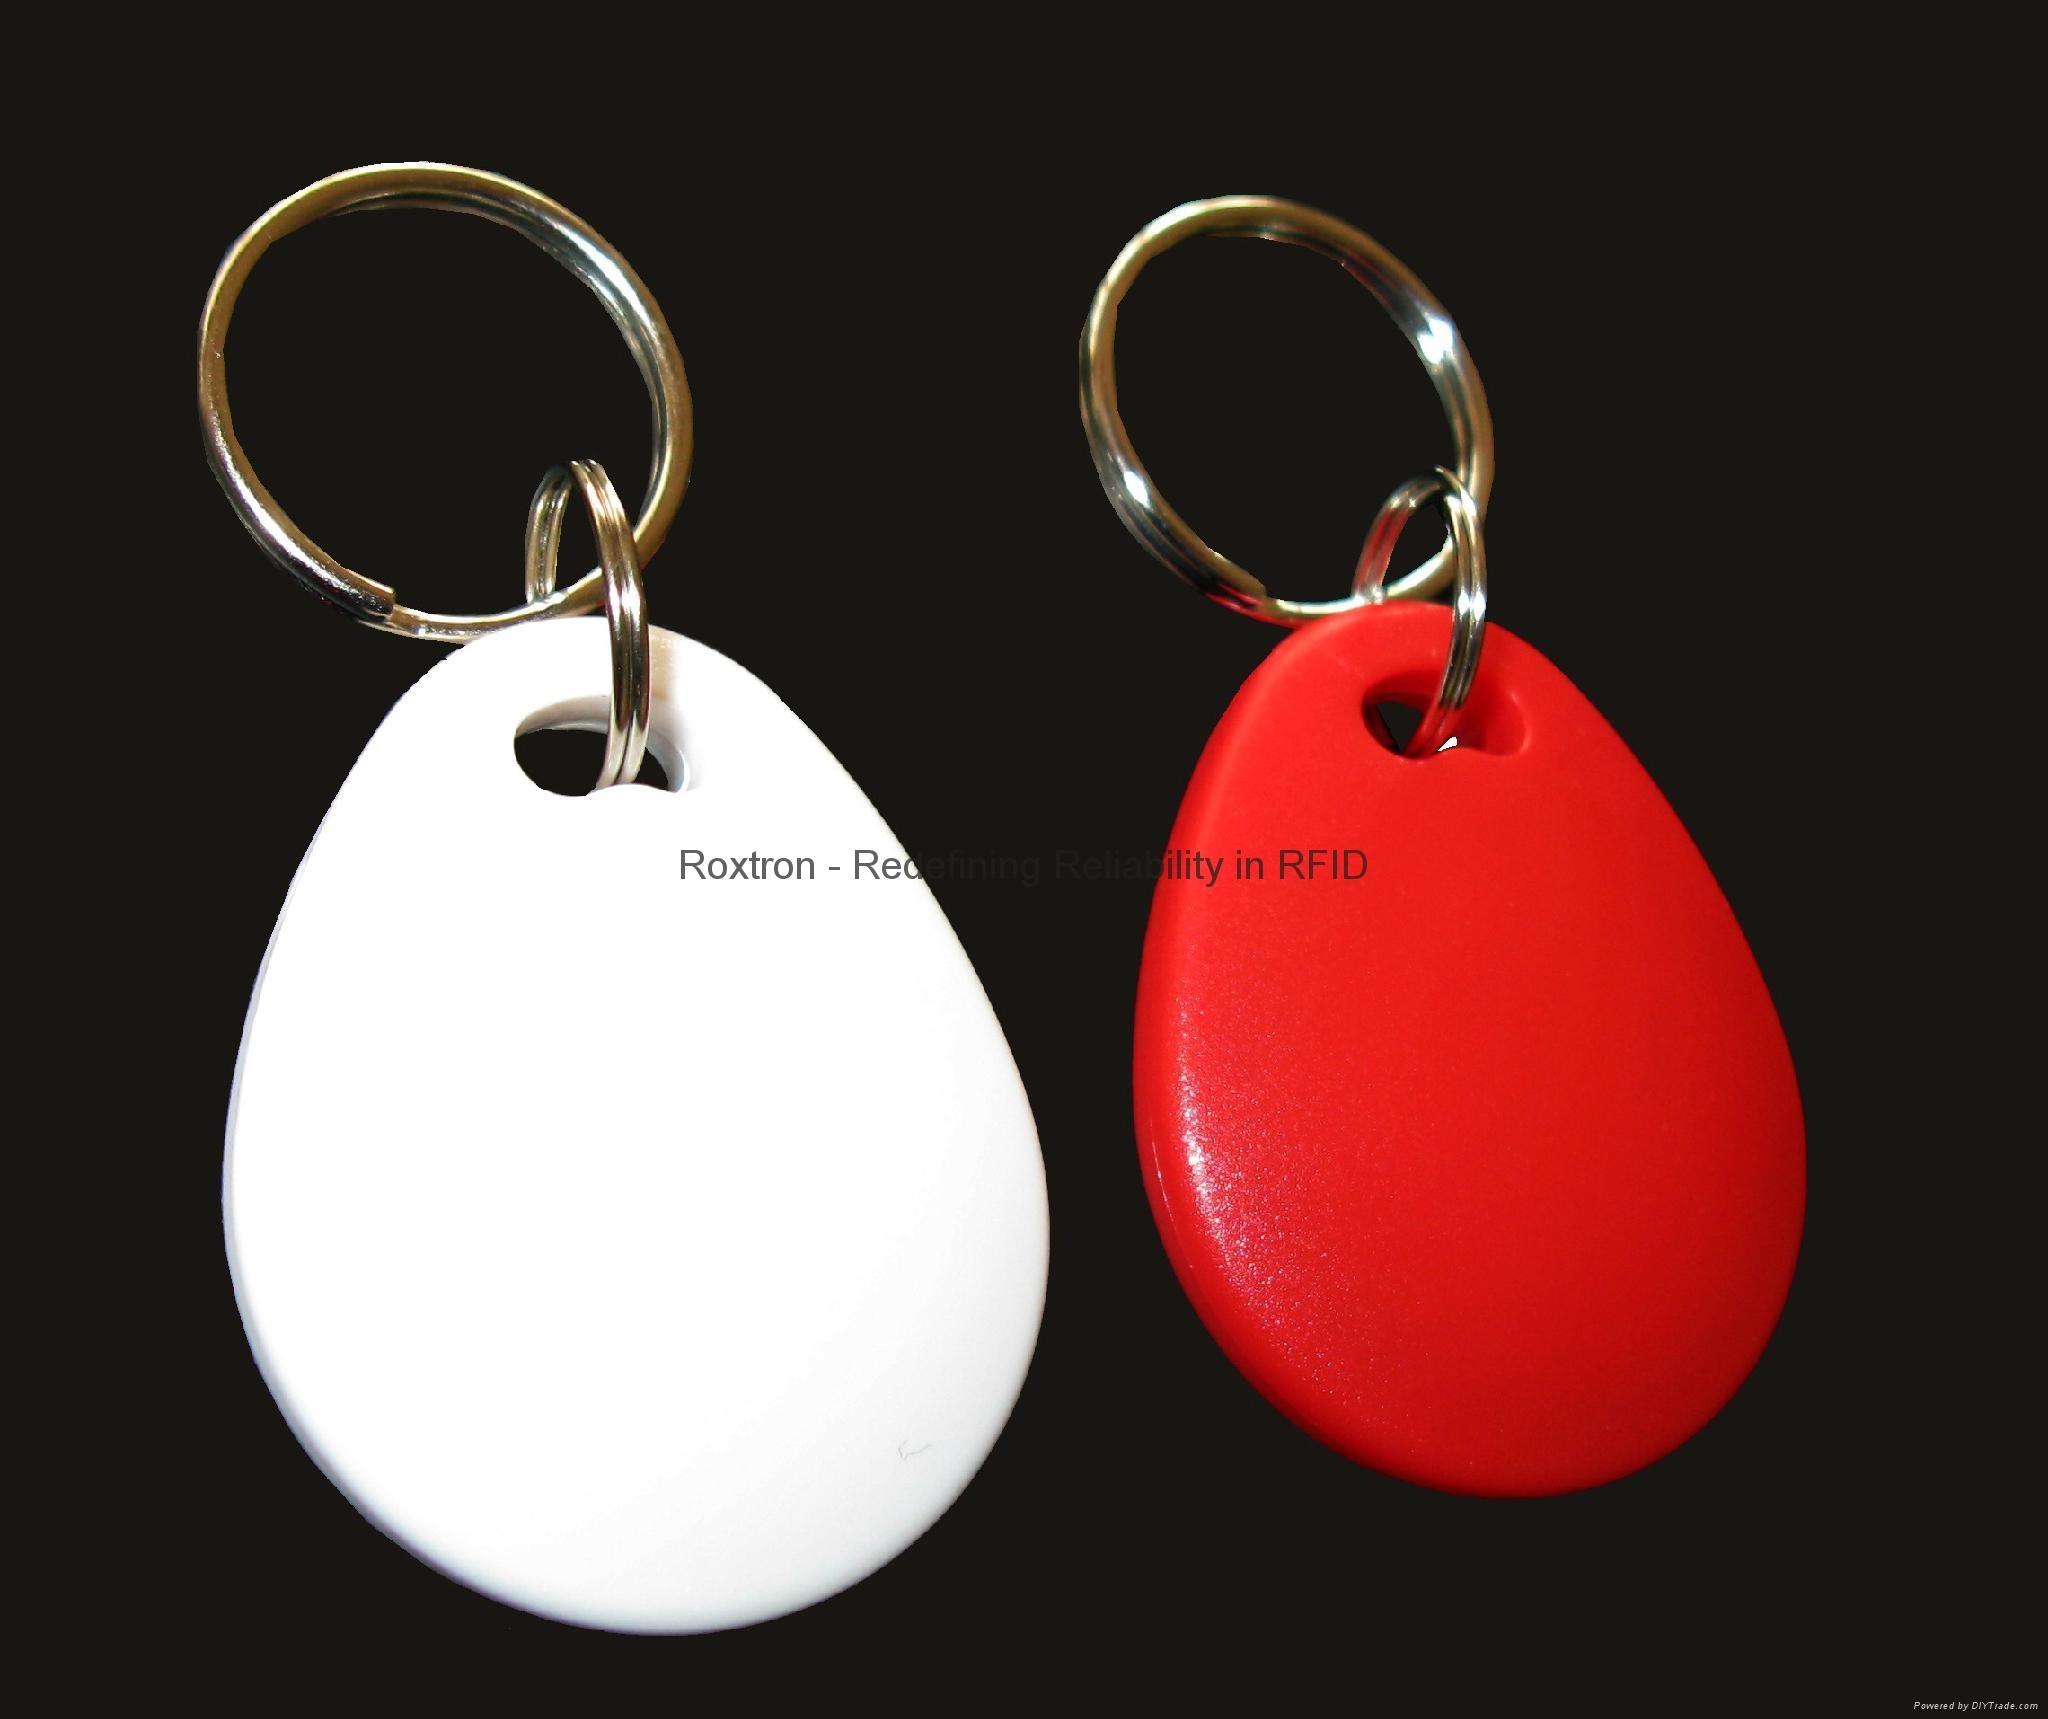 ROXTRON MIFARE RXK03 Key Fob